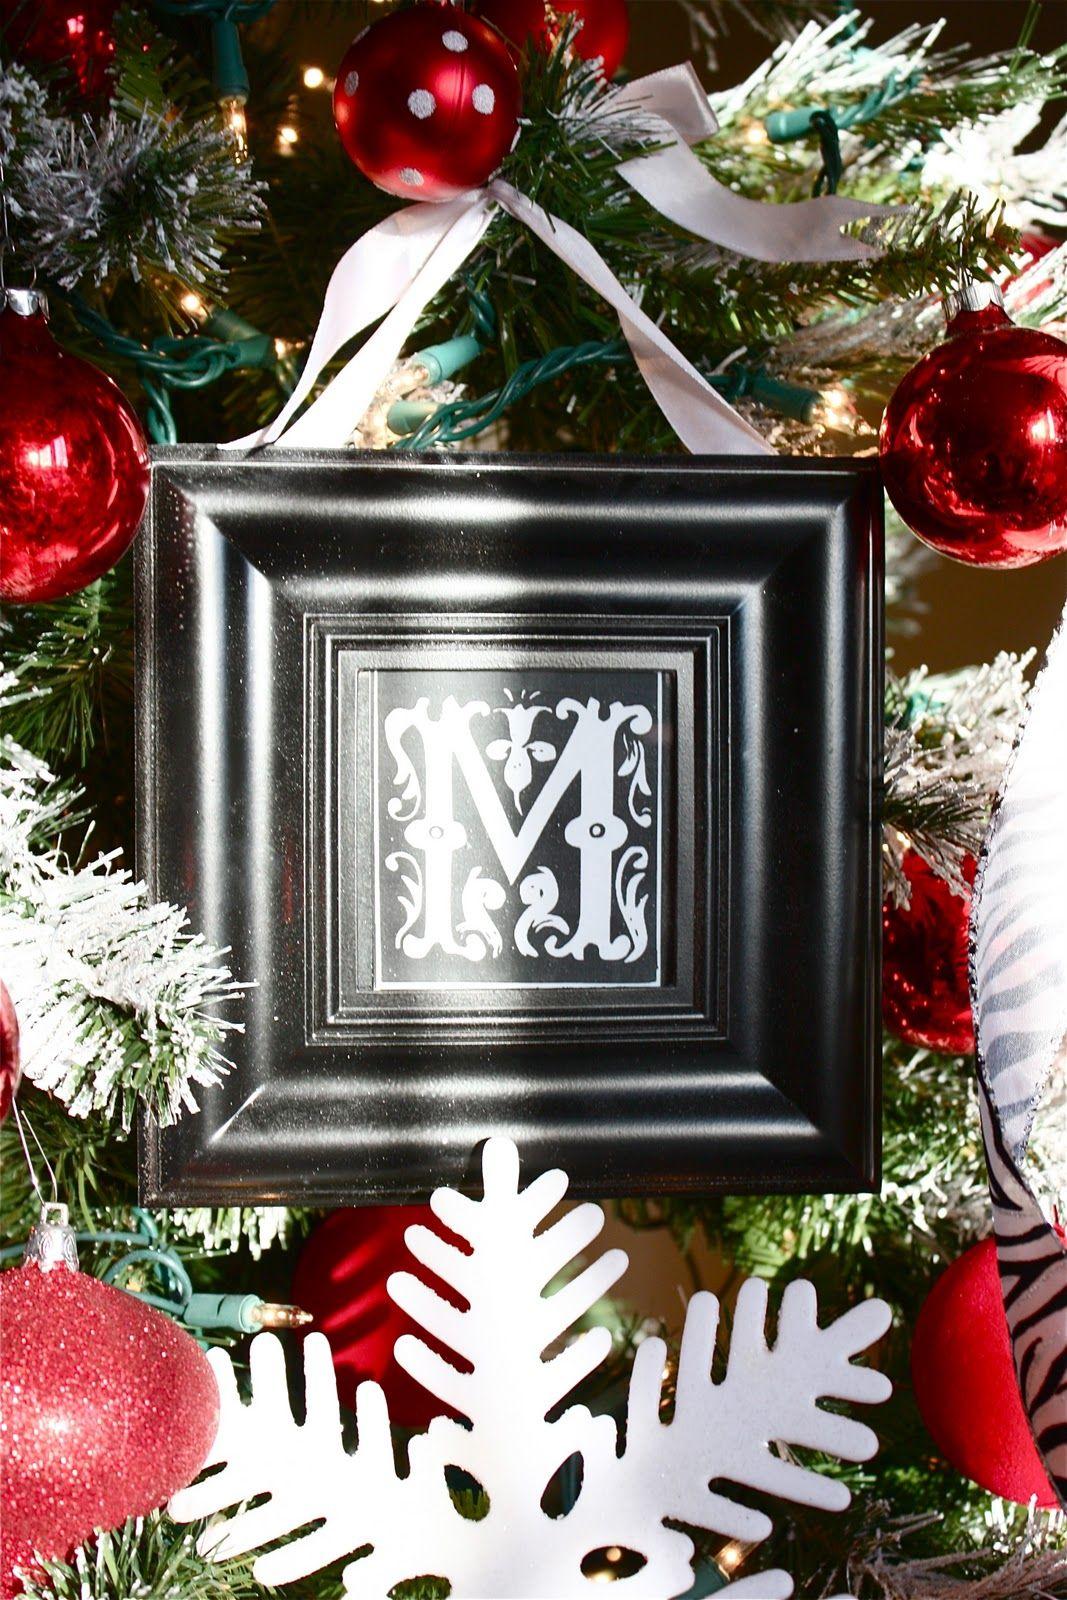 Ornament Vinyl Vinyl Christmas Ornaments Christmas Ornaments Christmas